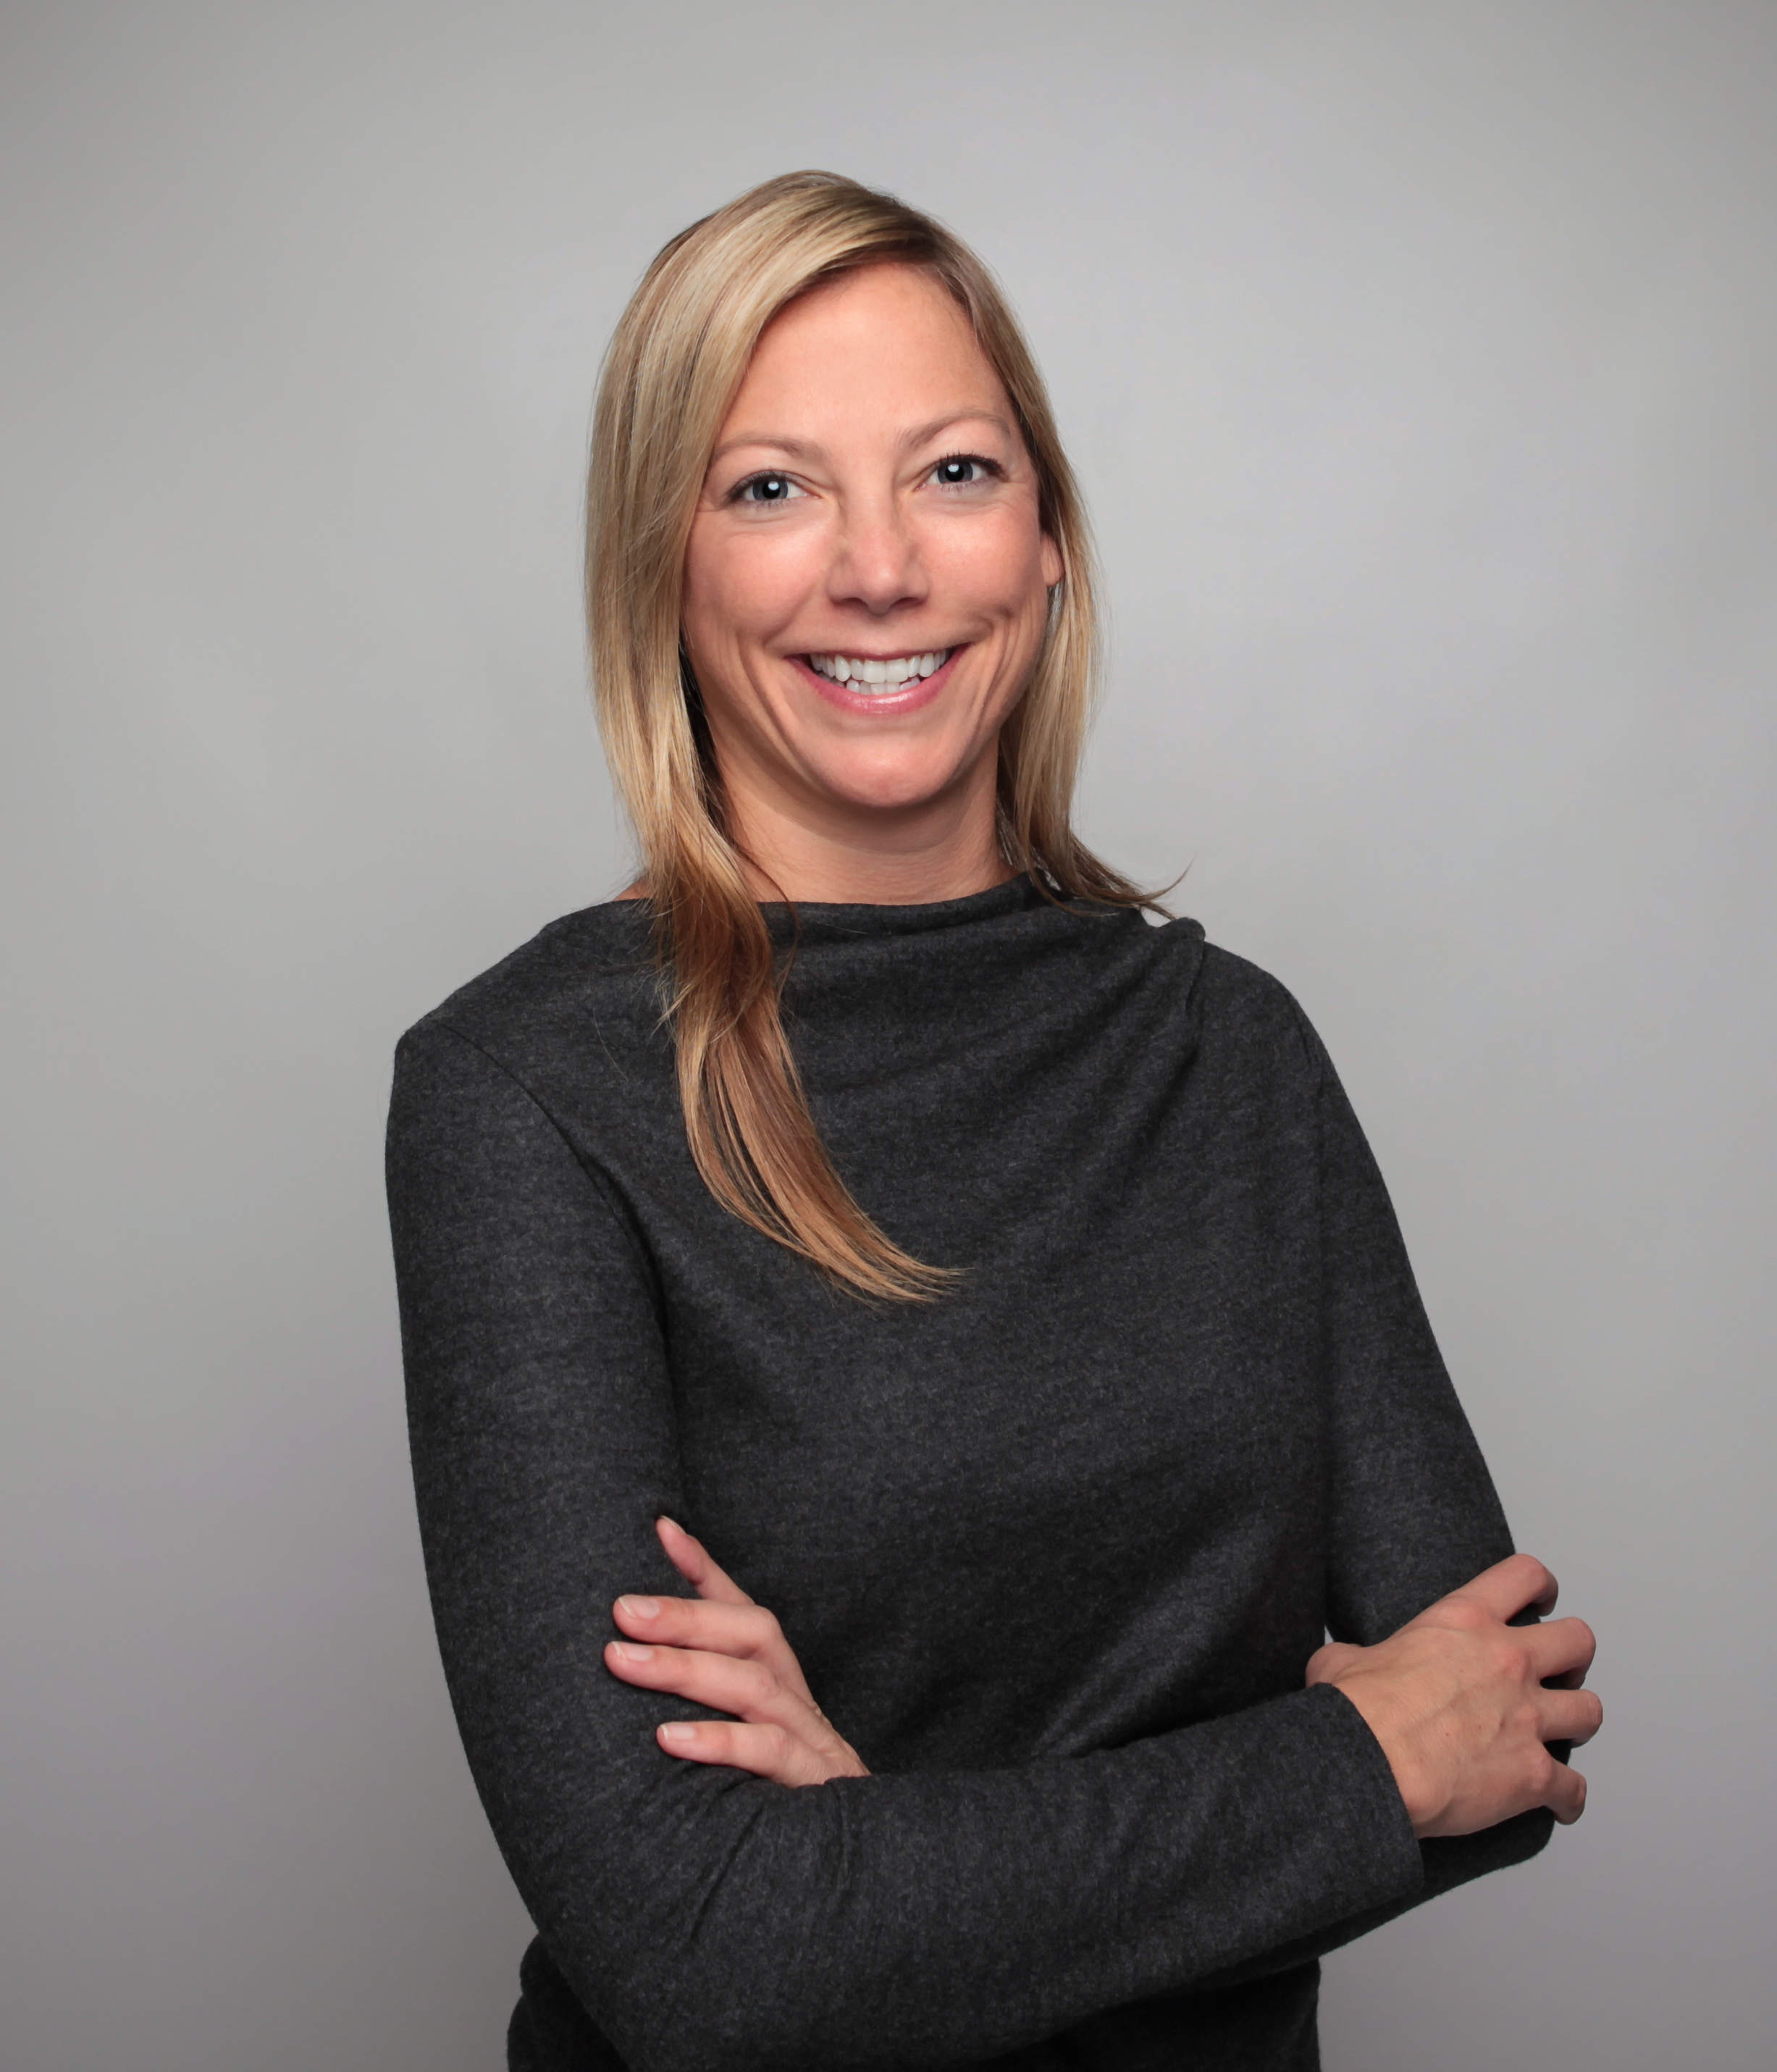 Christie Fleischer CEO Benefit Cosmetics